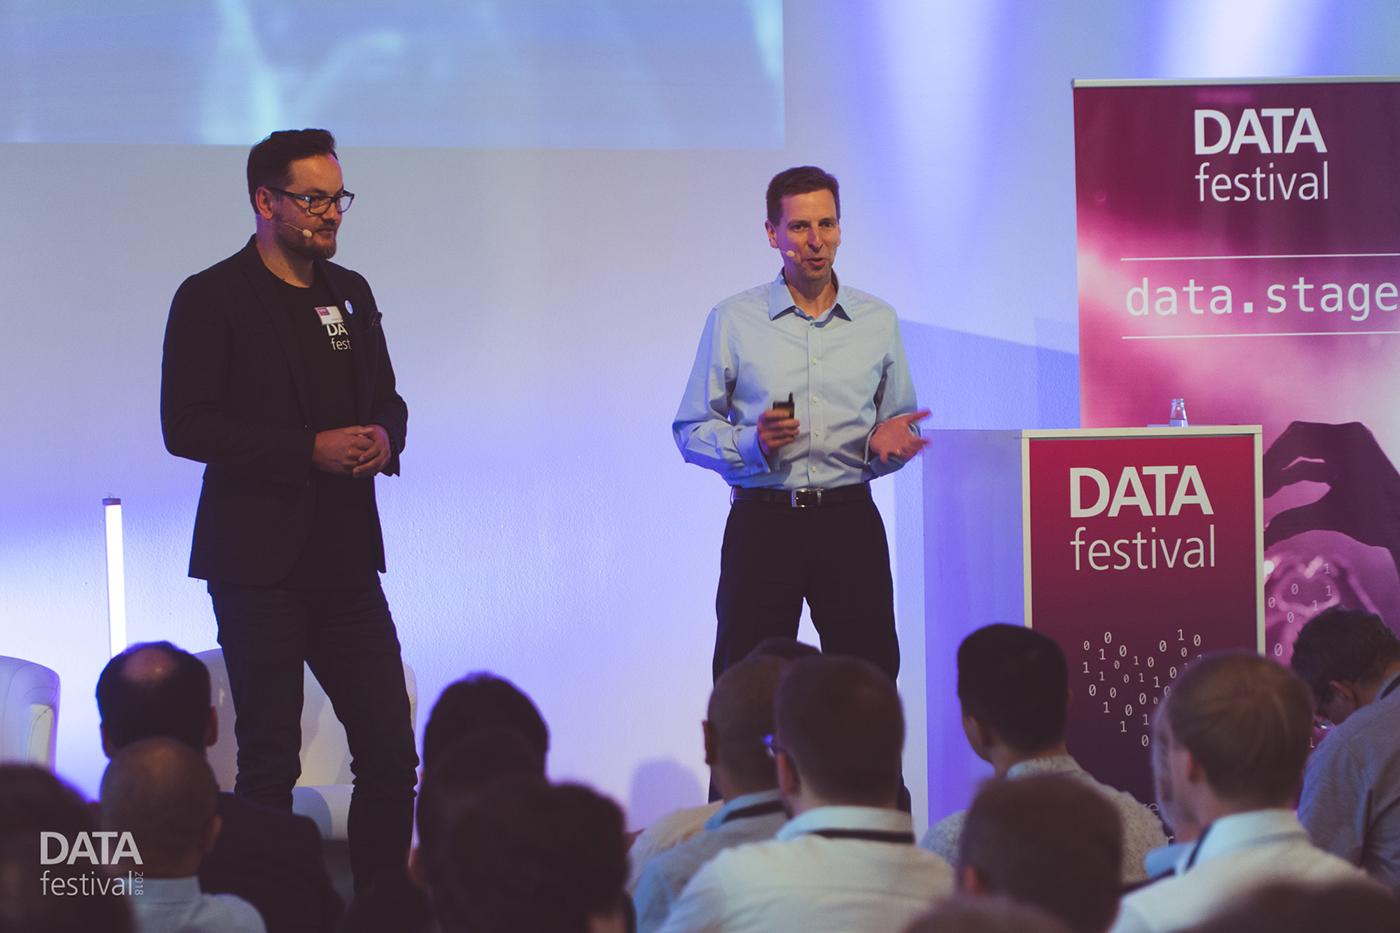 Data Festival: Hier verschmelzen Liebe & Kompetenz zu Daten